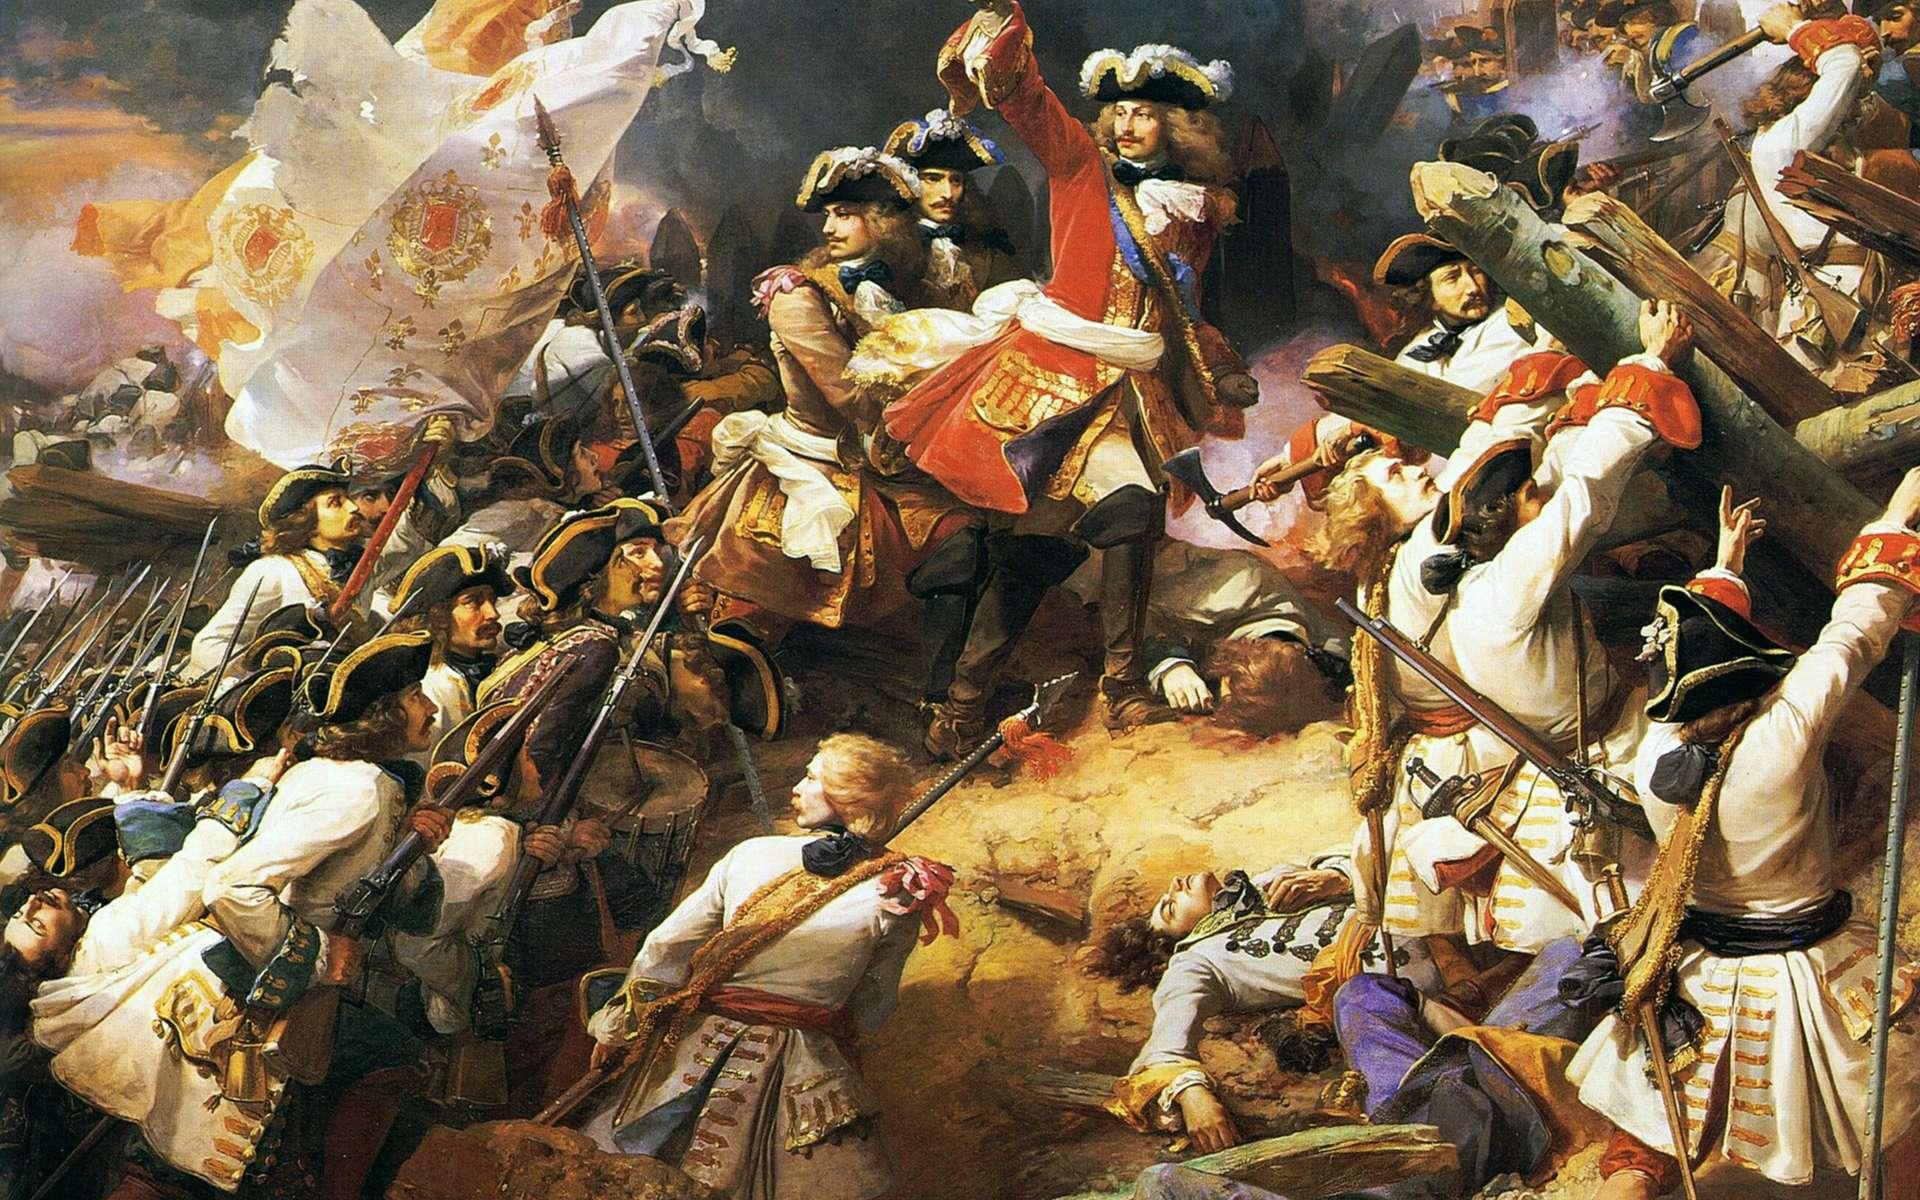 Le Maréchal de Villars, lors la bataille de Denain pendant la Guerre de succession d'Espagne (1712). © Peinture de Jean Alaux. Musée de Château de Versailles, Wikimedia Commons, DP